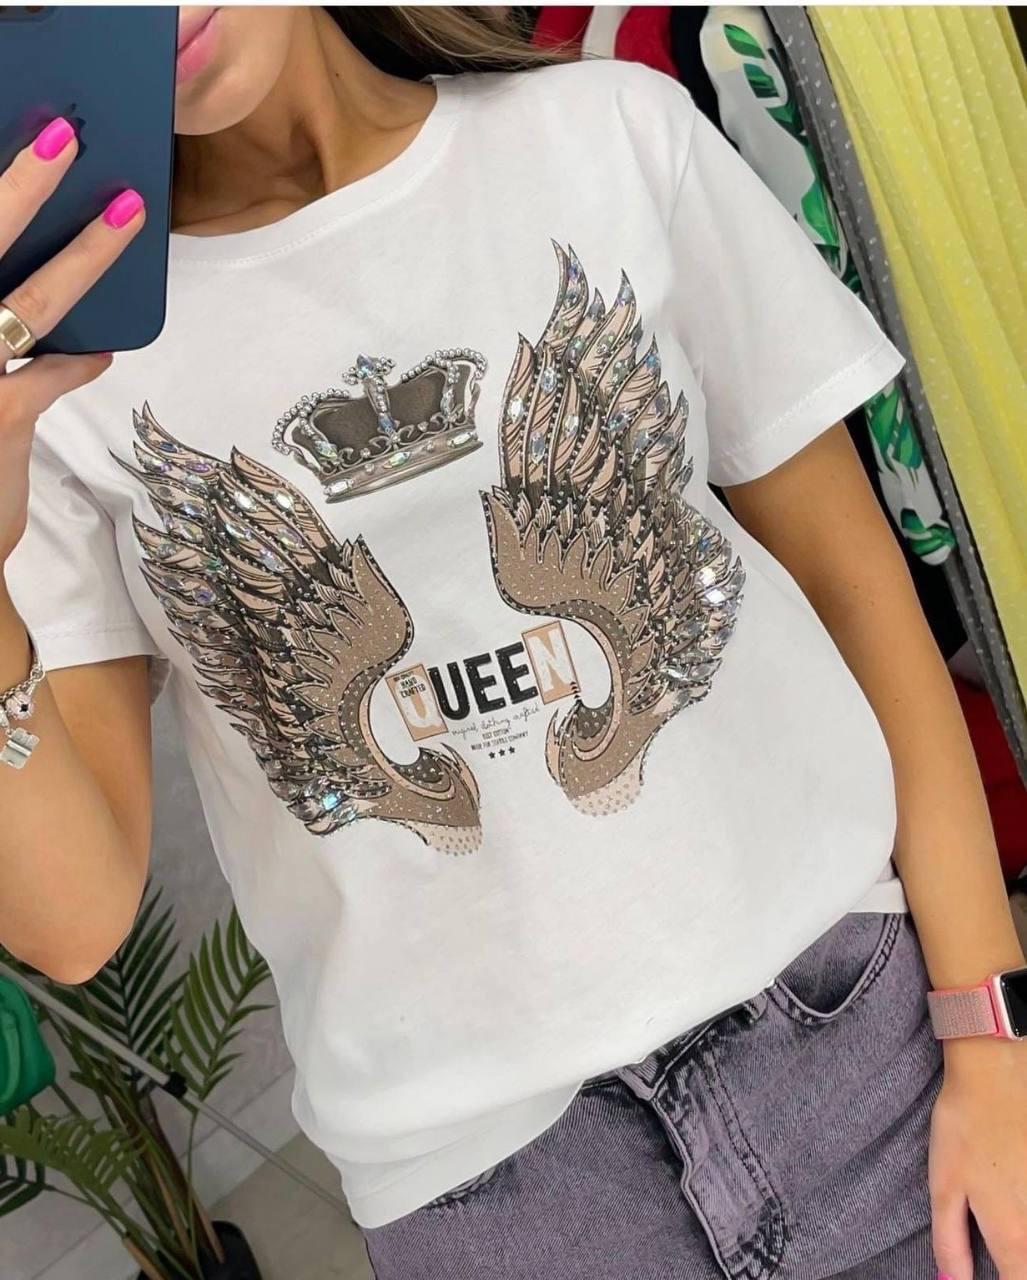 Женская футболка. Производство Турция. Размер: S, M, L. Ткань: коттон. Цвет: белый.